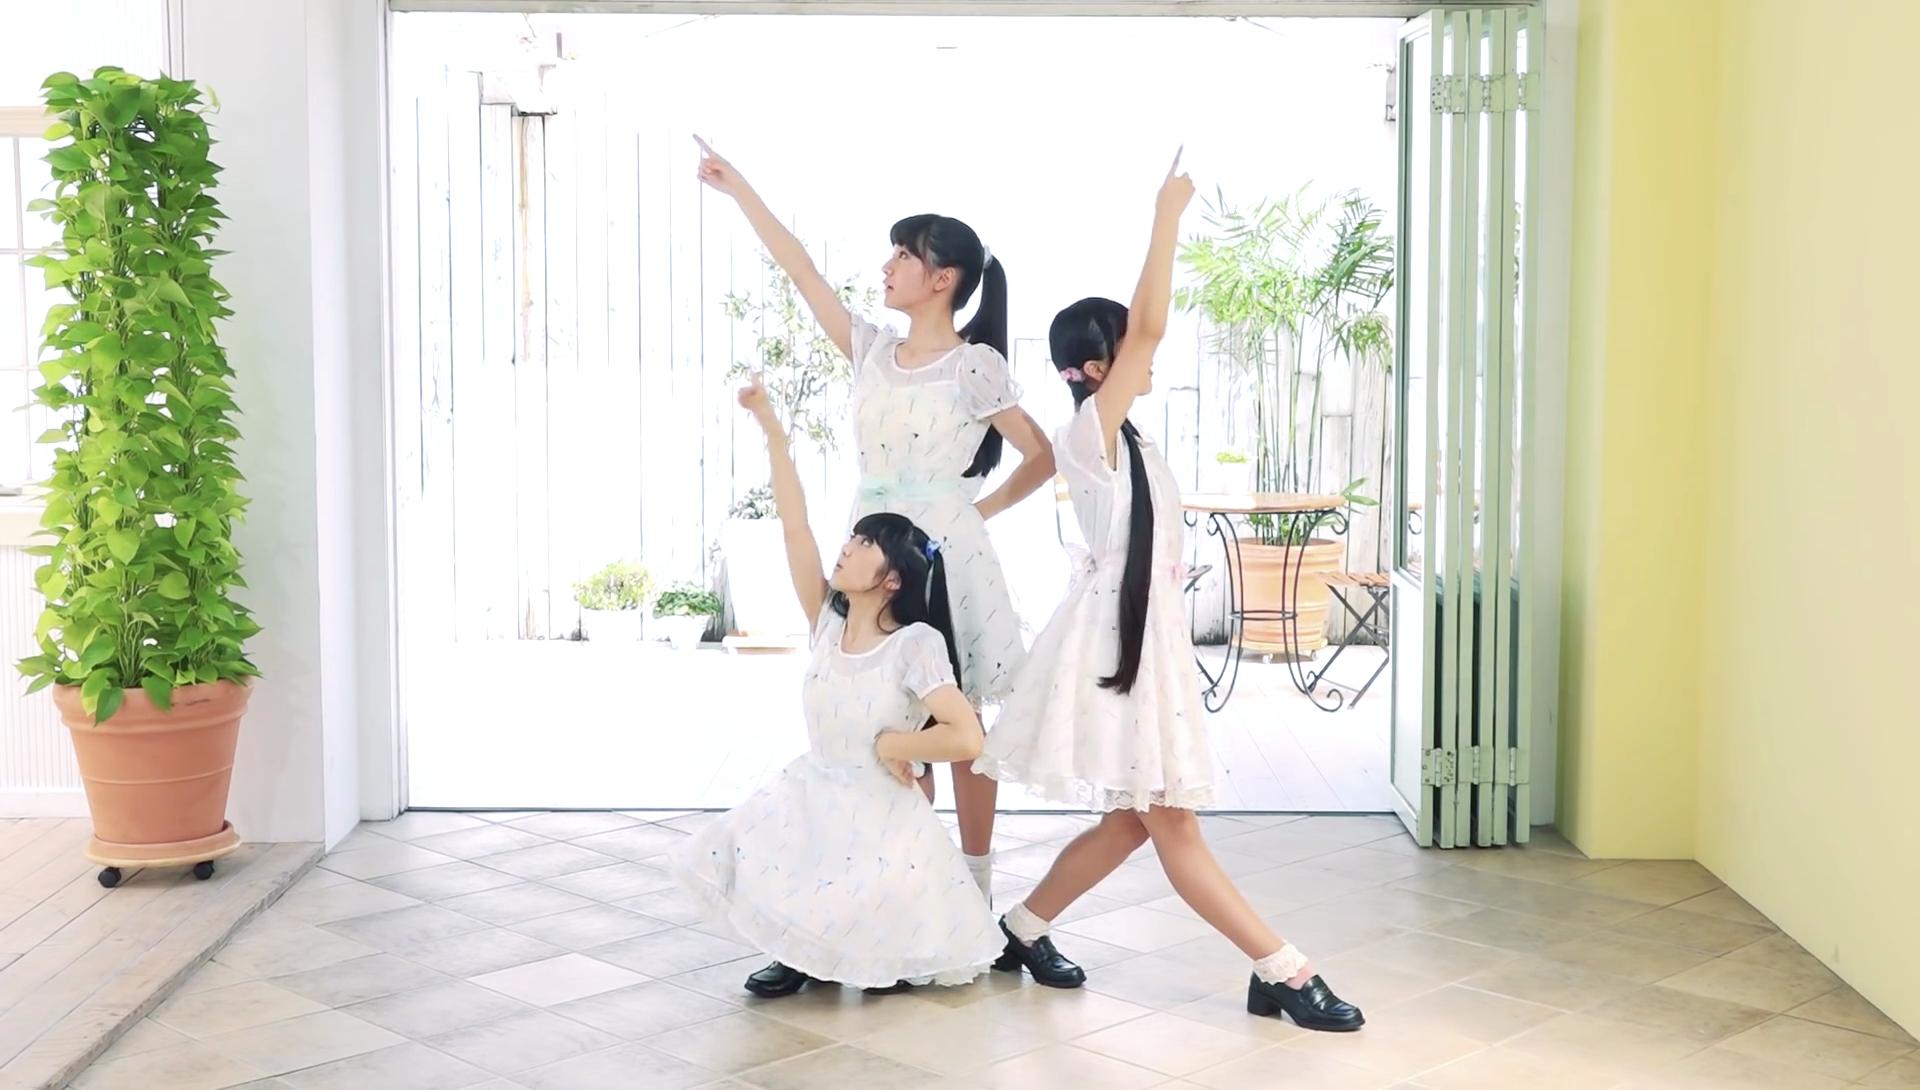 takanashi-ai-kouzuki-anjyu-y-onodera-misa-mr-wonderboy-002